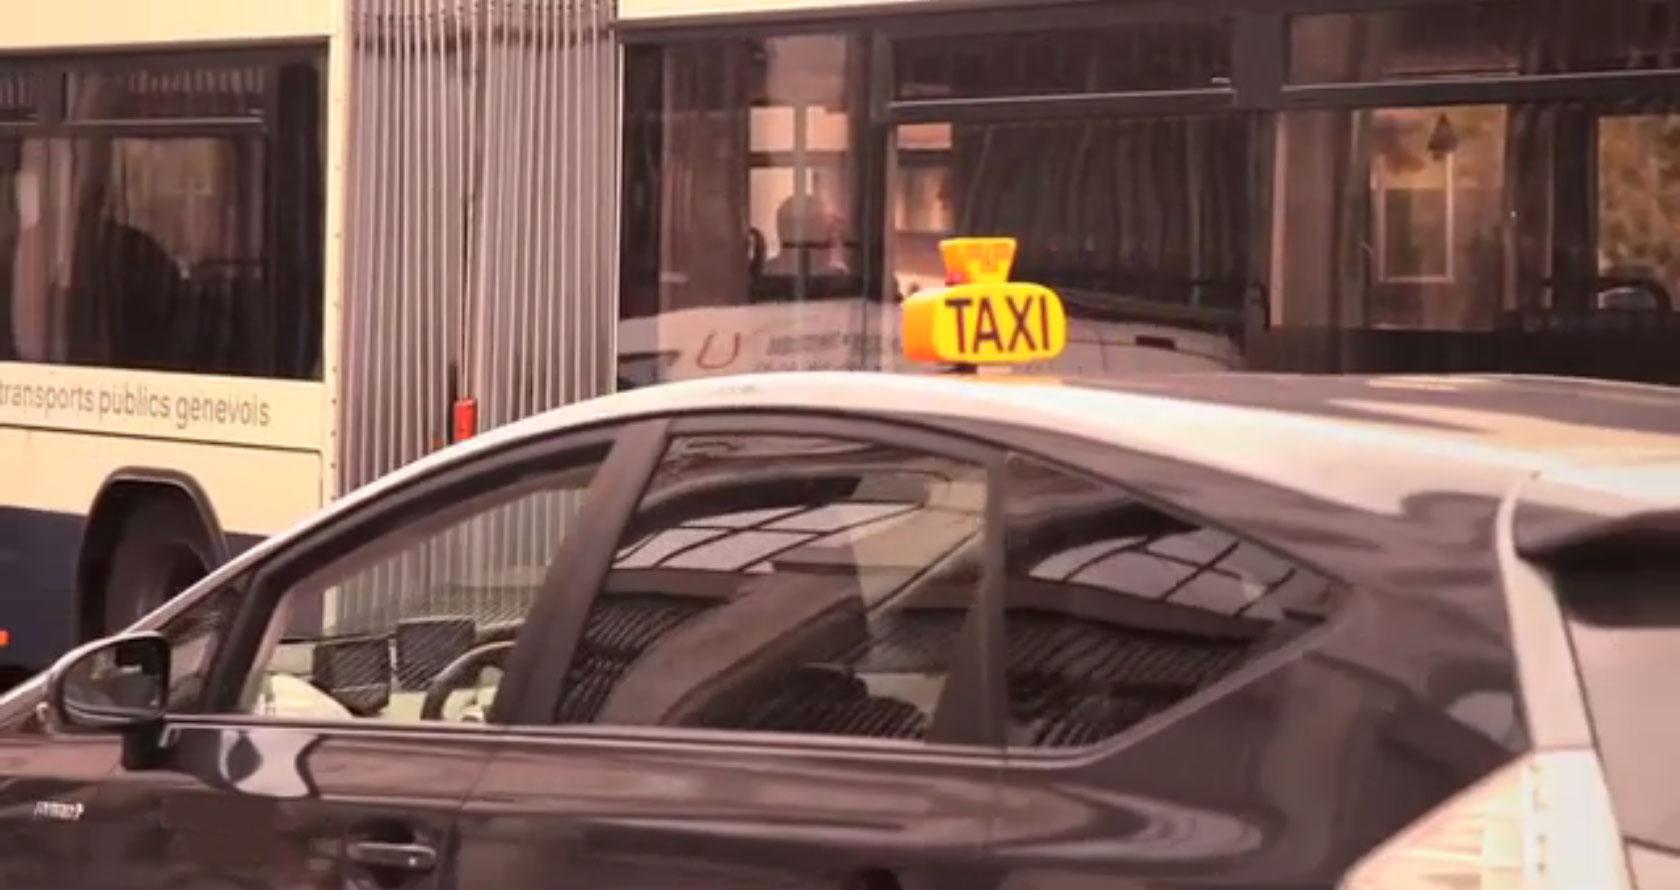 Loi sur les taxis et les v hicules de transport avec for Chambre de recours